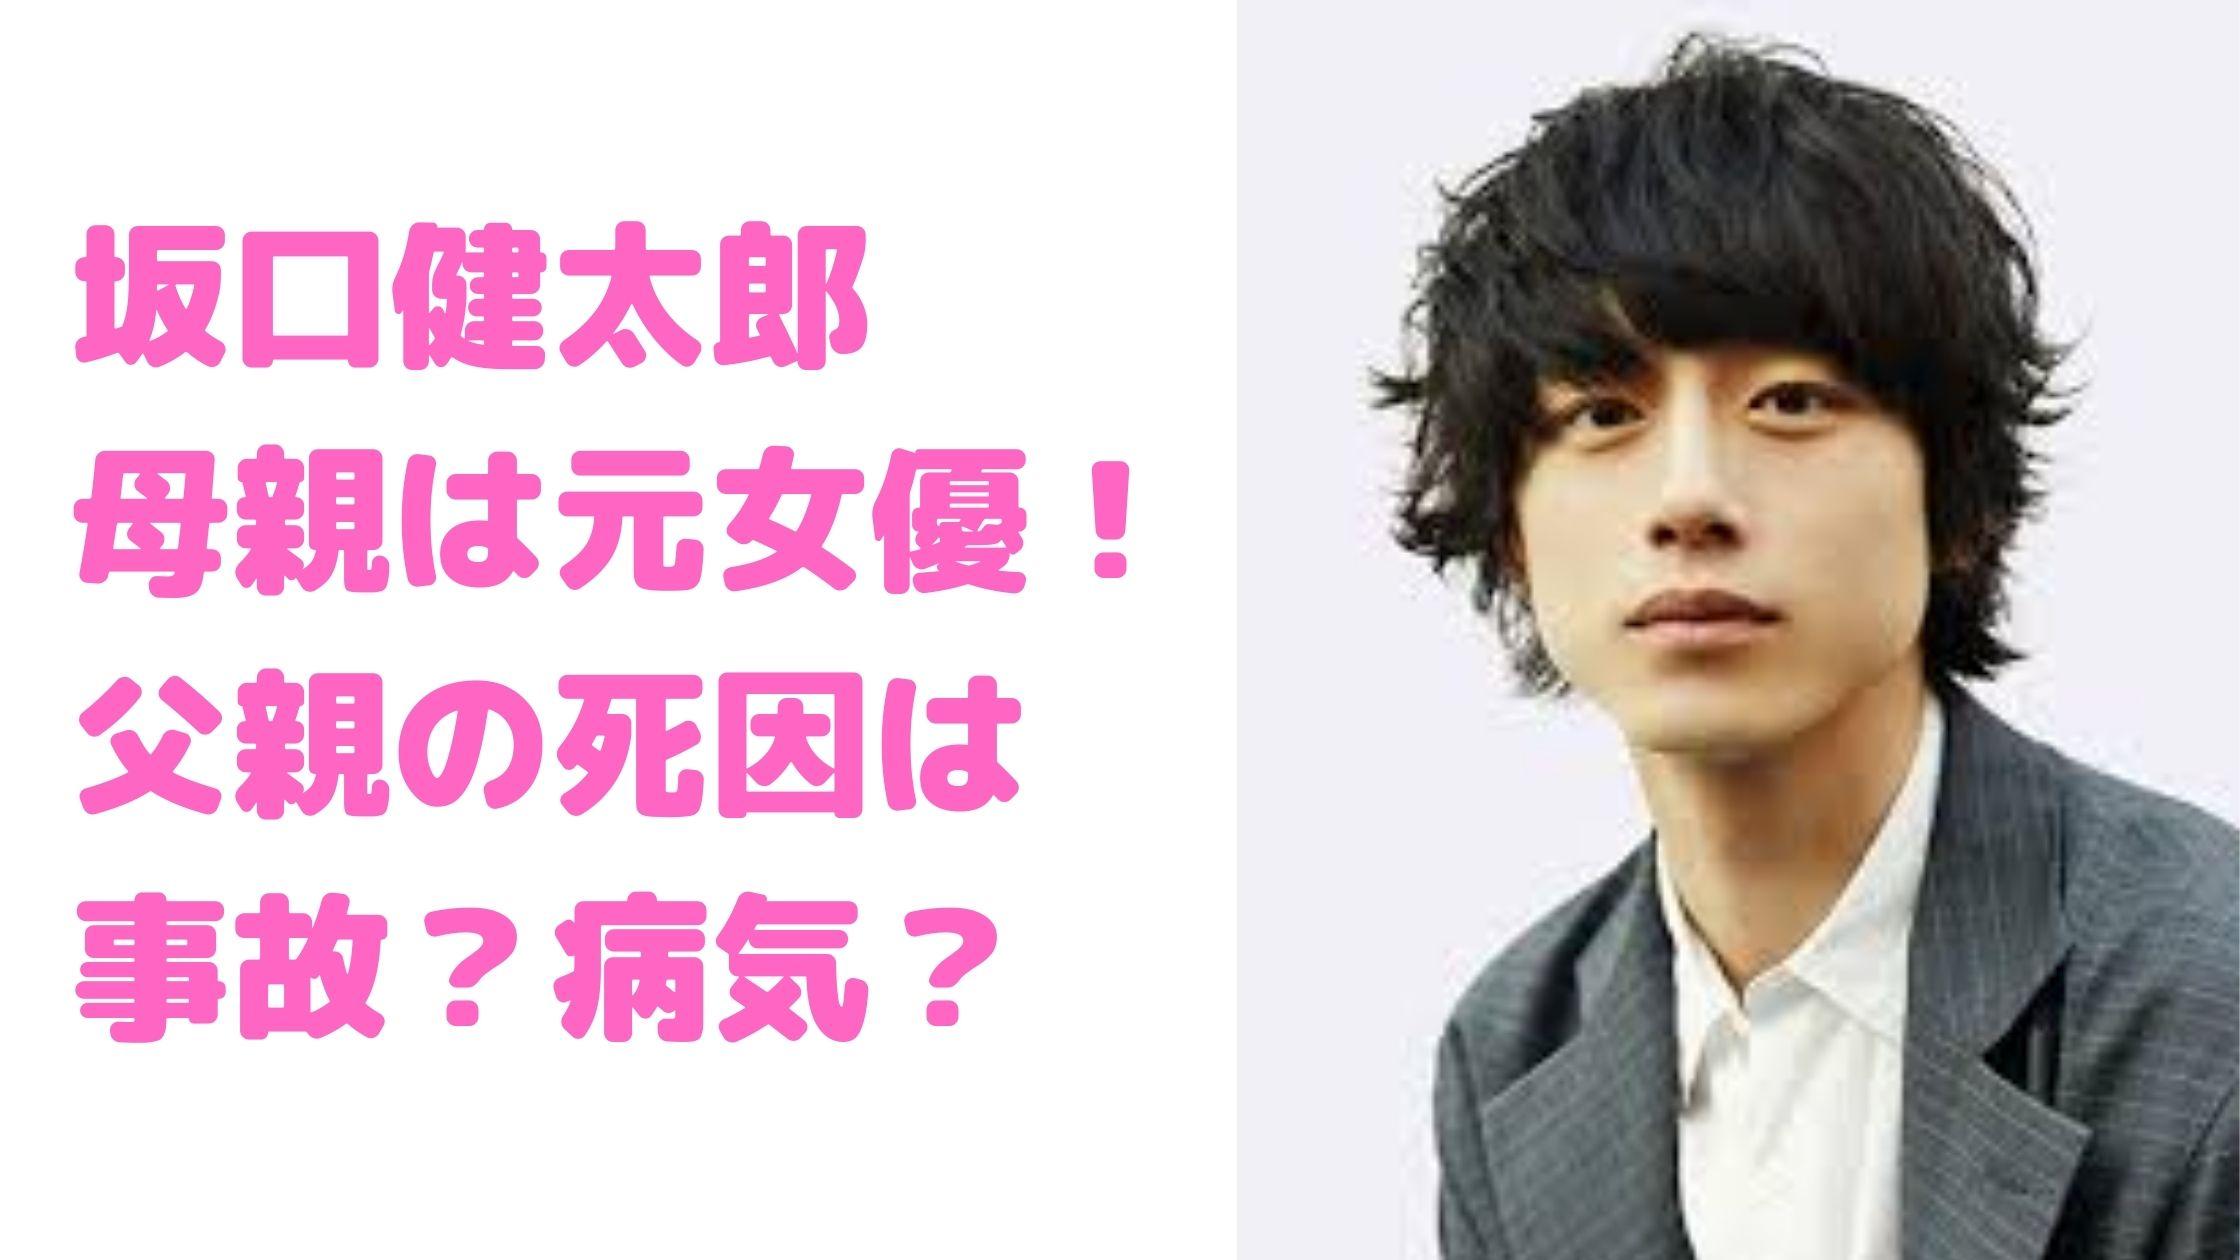 坂口健太郎 母親 元女優 父親 死因 病気 事故 姉 ゆき 結婚